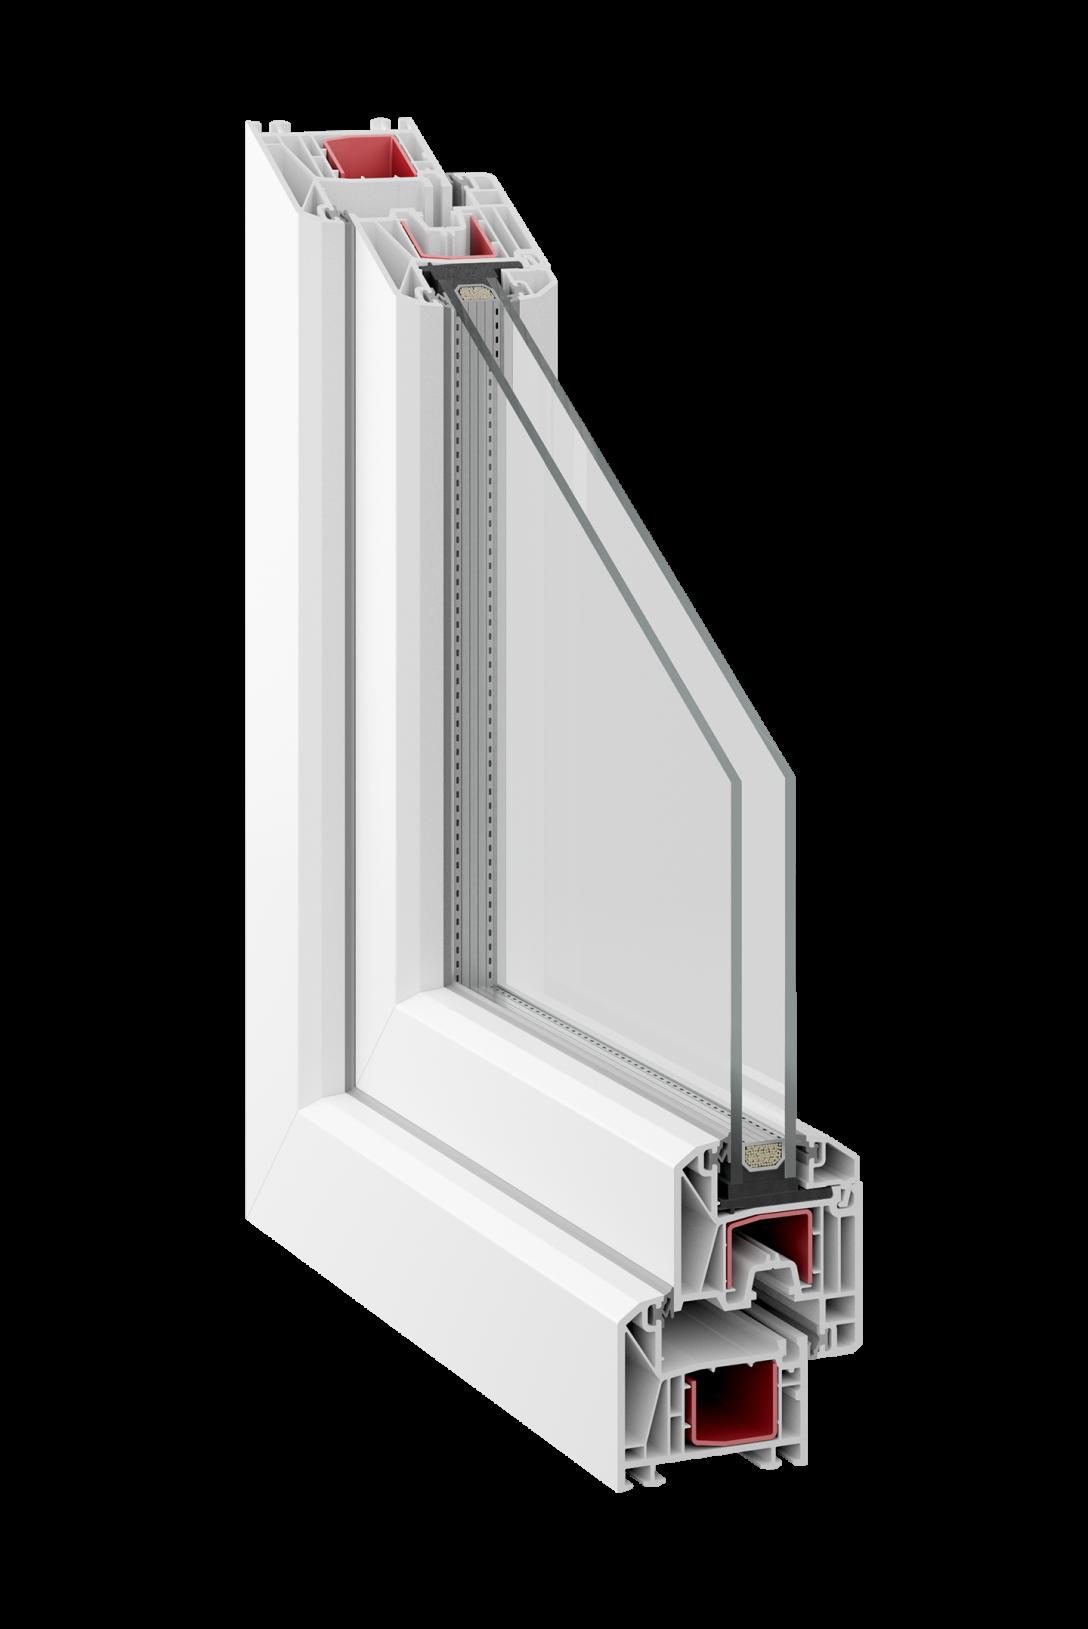 Large Size of Trocal Fenster System 70 Cl Interplast Windows Alte Kaufen Rc3 Mit Rolladen Einbruchschutz Nachrüsten Rollos Innen Sonnenschutzfolie Rolladenkasten Einbauen Fenster Trocal Fenster